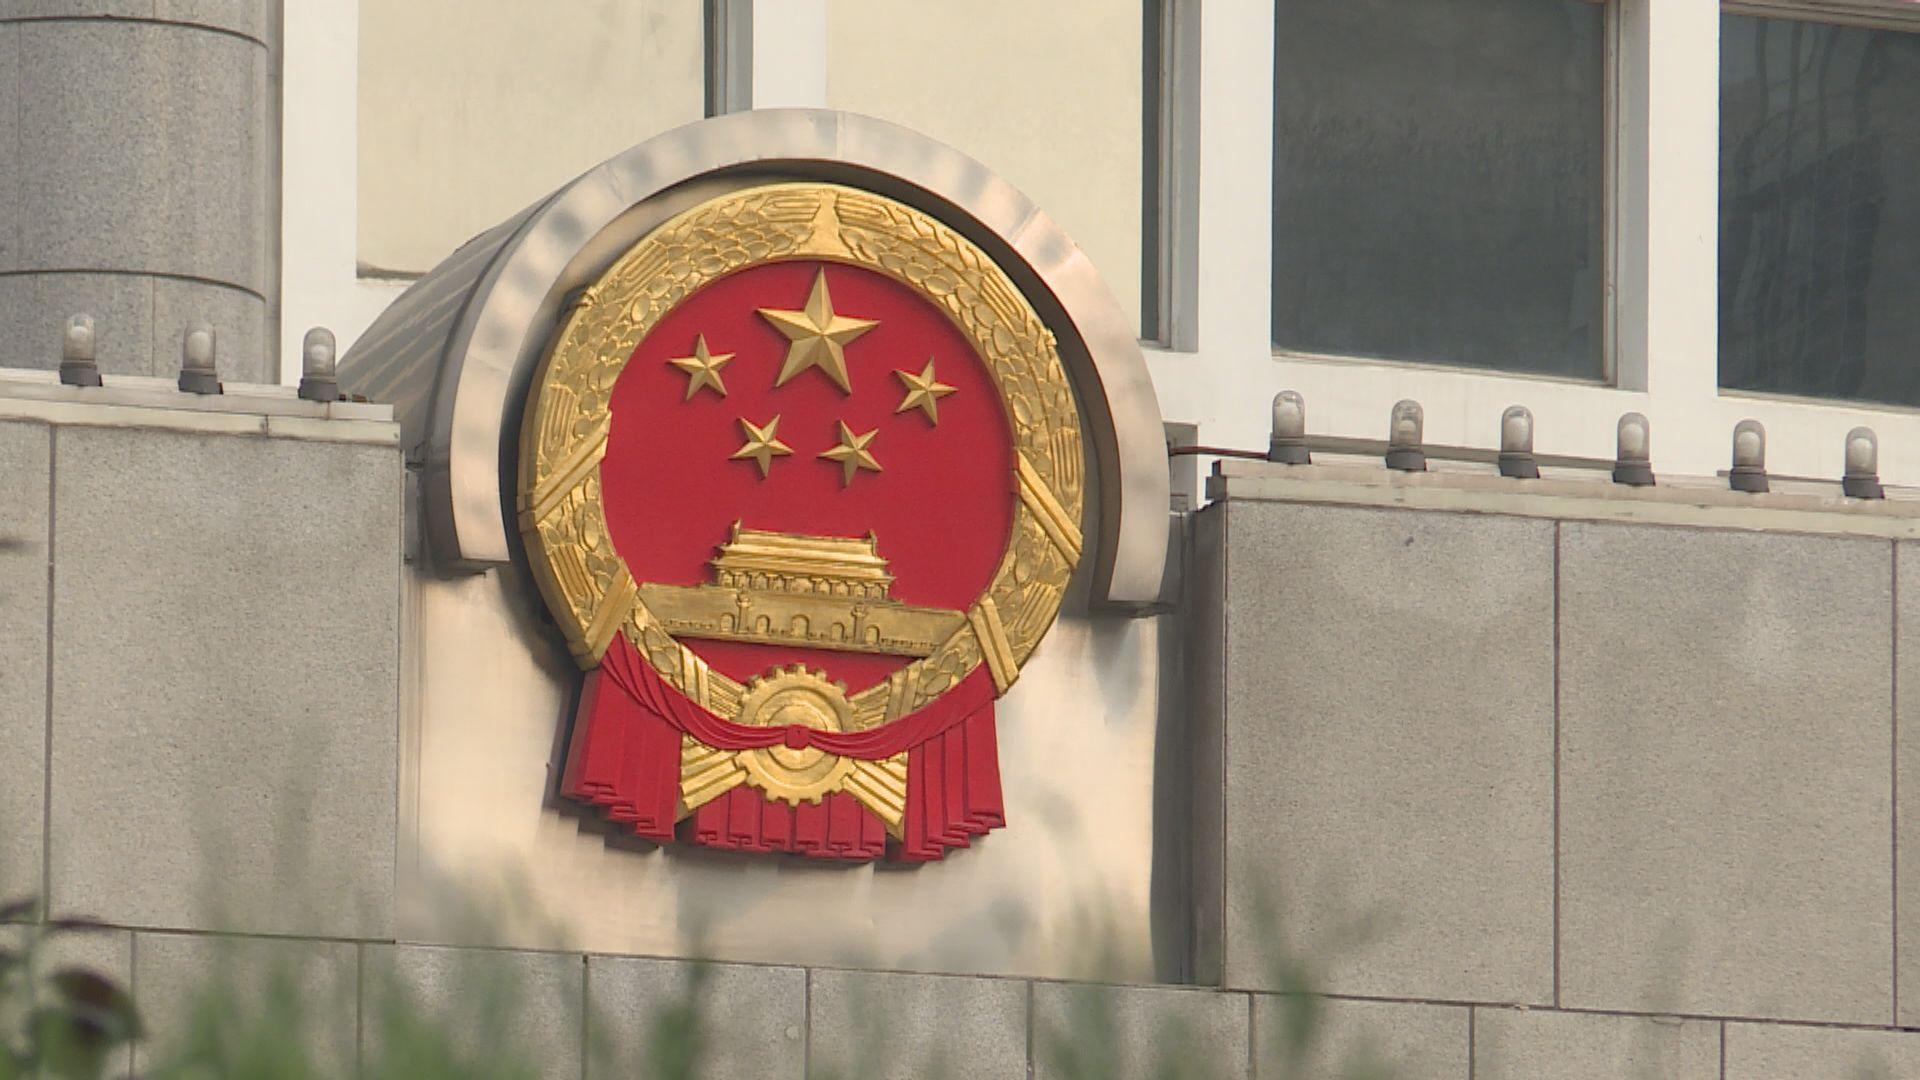 澳洲新西蘭關注香港及新疆狀況 中國反對兩國干涉內政